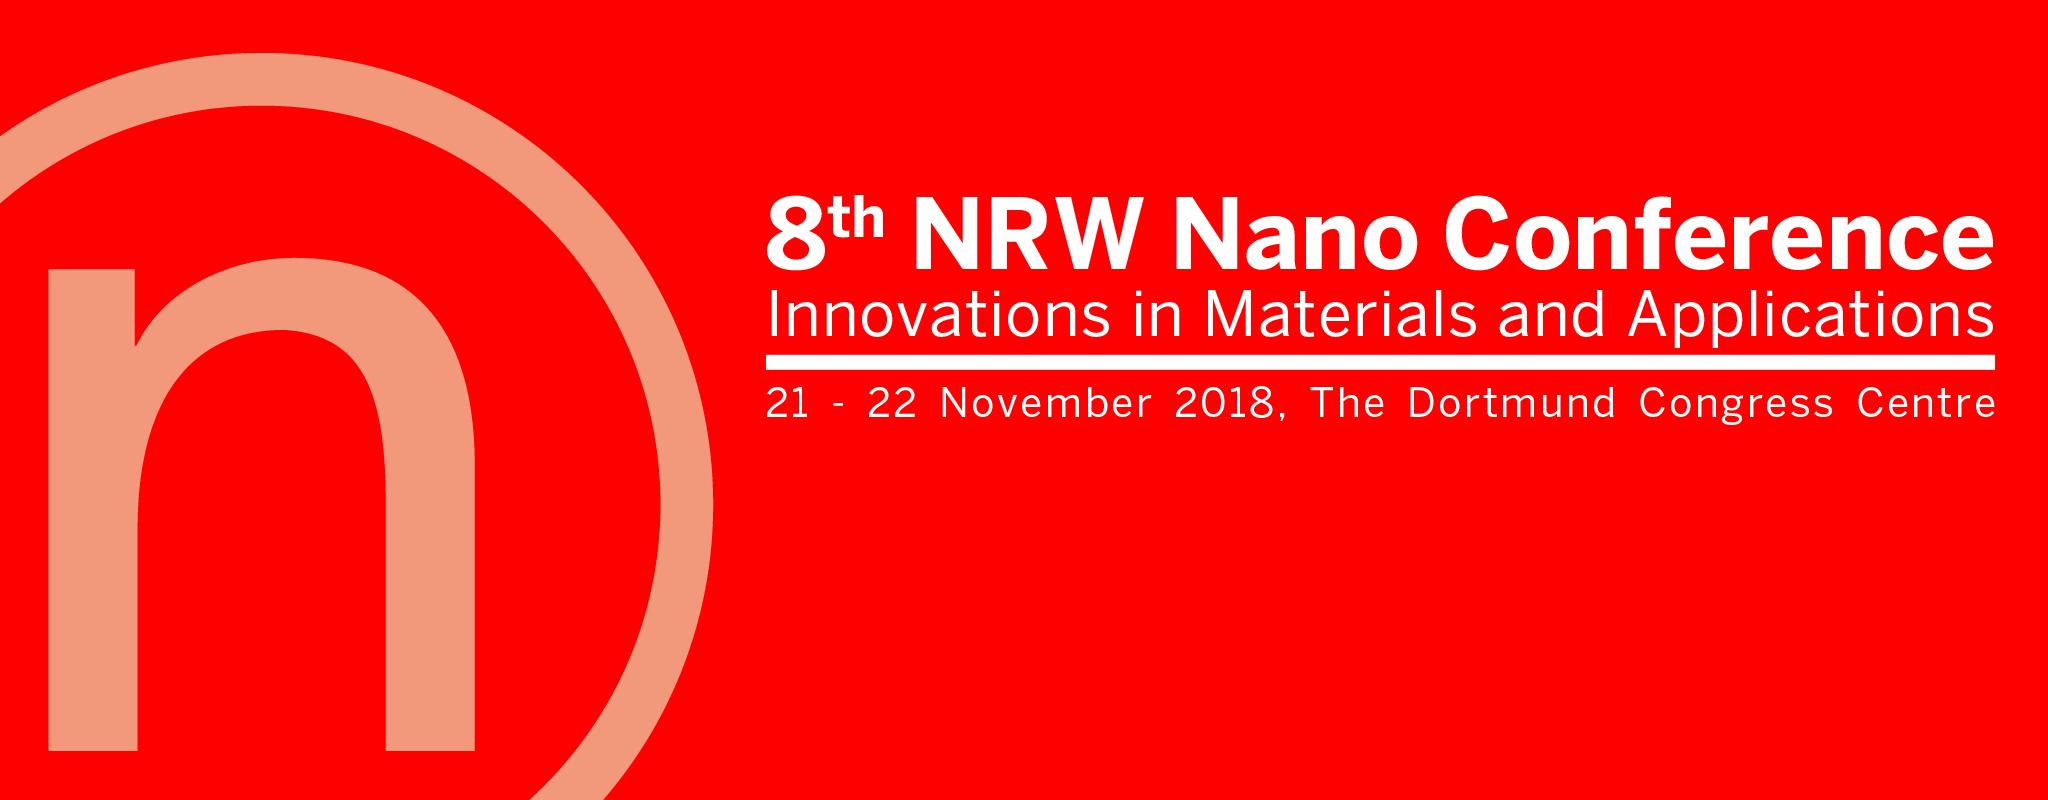 8th Nano Conference